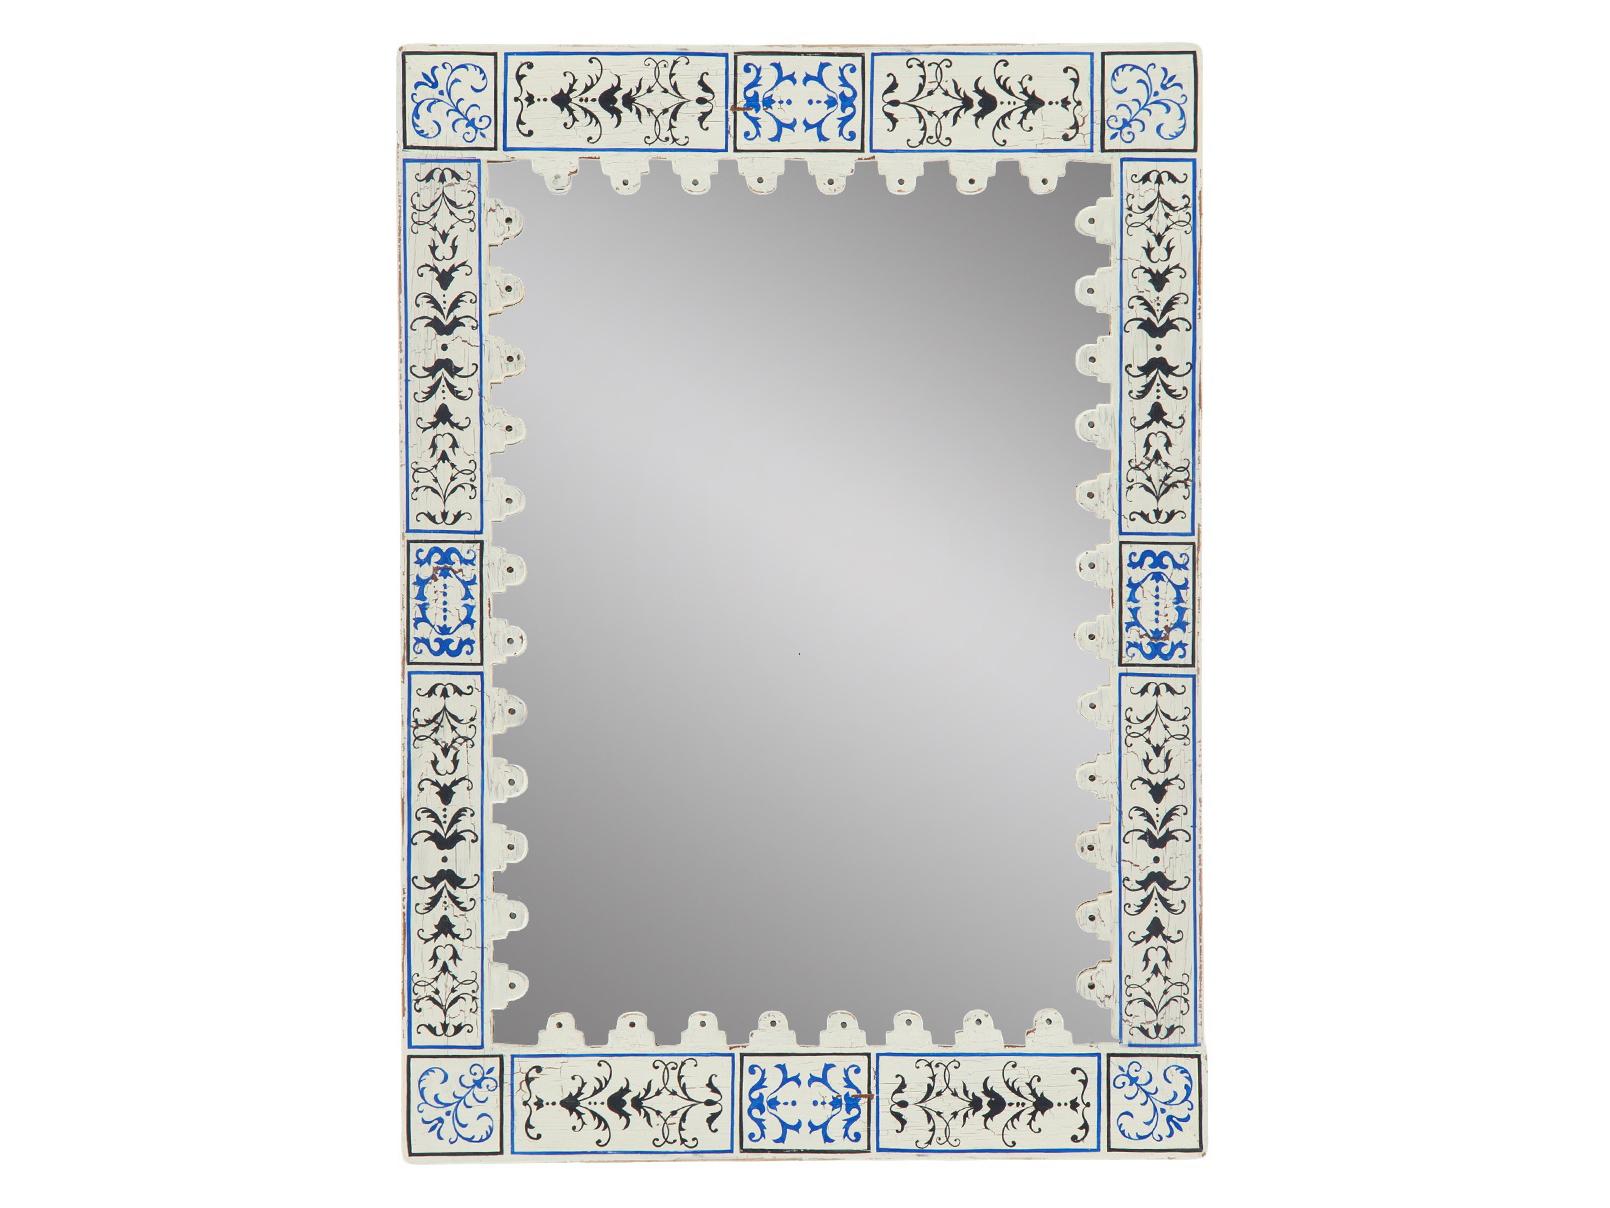 ЗеркалоНастенные зеркала<br>Зеркало в раме из дерева махагони, украшенной ручной росписью (рисунок Венеция) и старением.<br><br>Material: Красное дерево<br>Ширина см: 90<br>Высота см: 125<br>Глубина см: 3